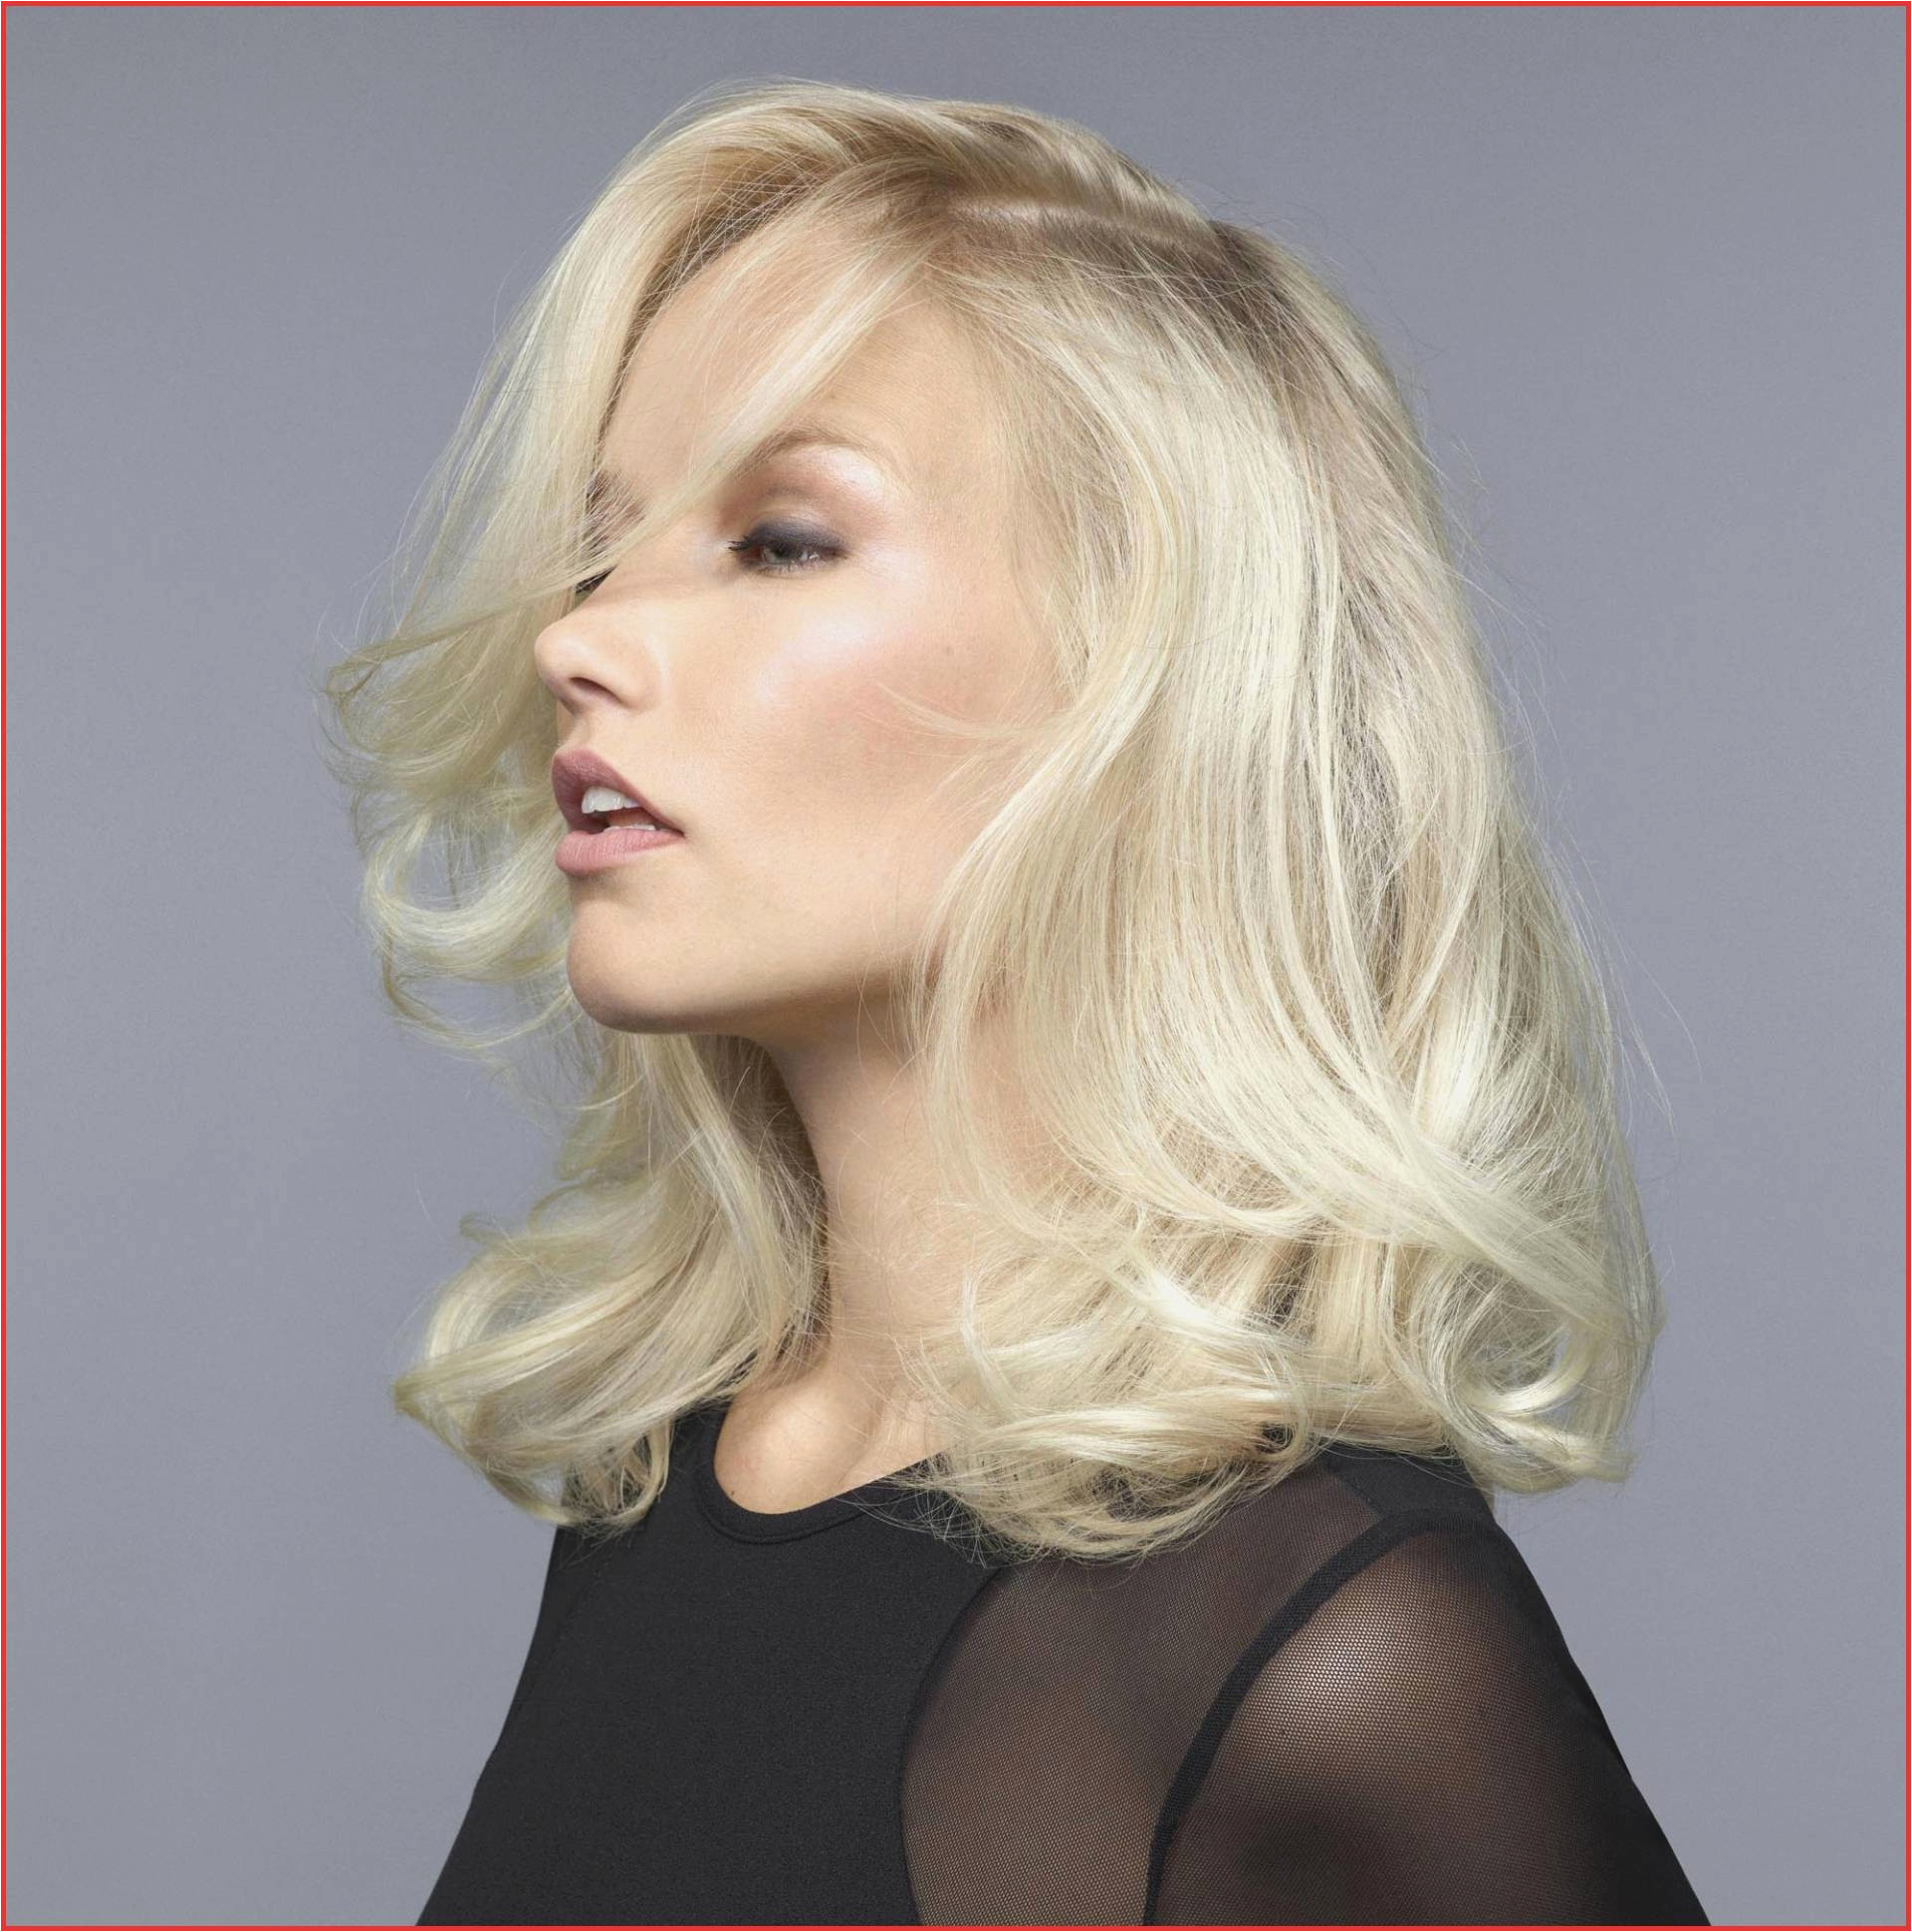 Cute Hairstyles for Medium Length Hair Fresh Haircut for Girls Girl Getting Haircut New Girl Haircut 0d Amazing